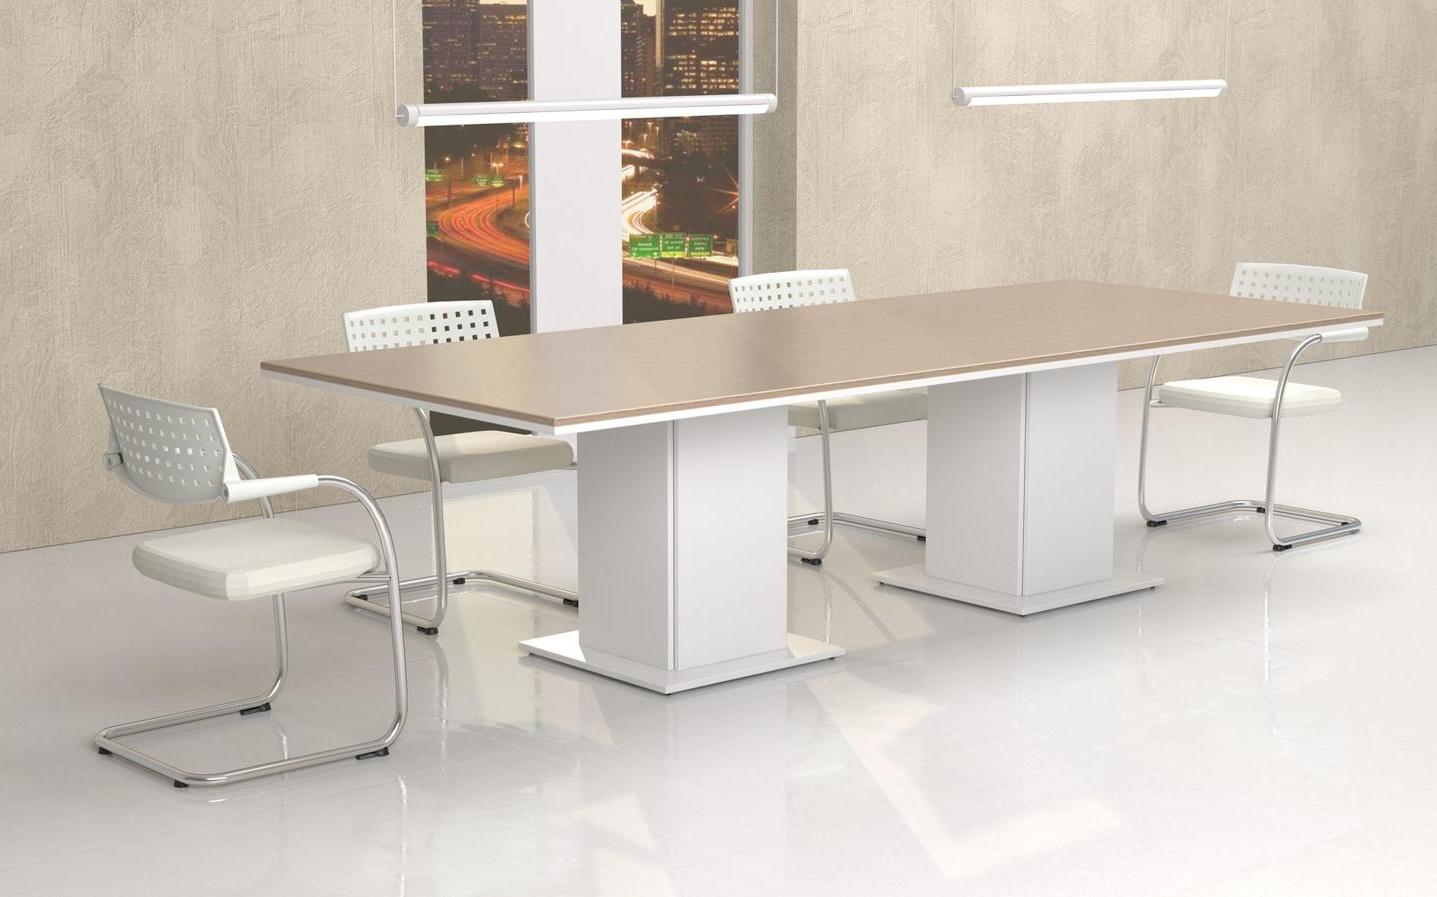 Mobiliario Oficina Malaga 0gdr Mobiliario De Oficina En MÃ Laga Muebles De Oficina Online